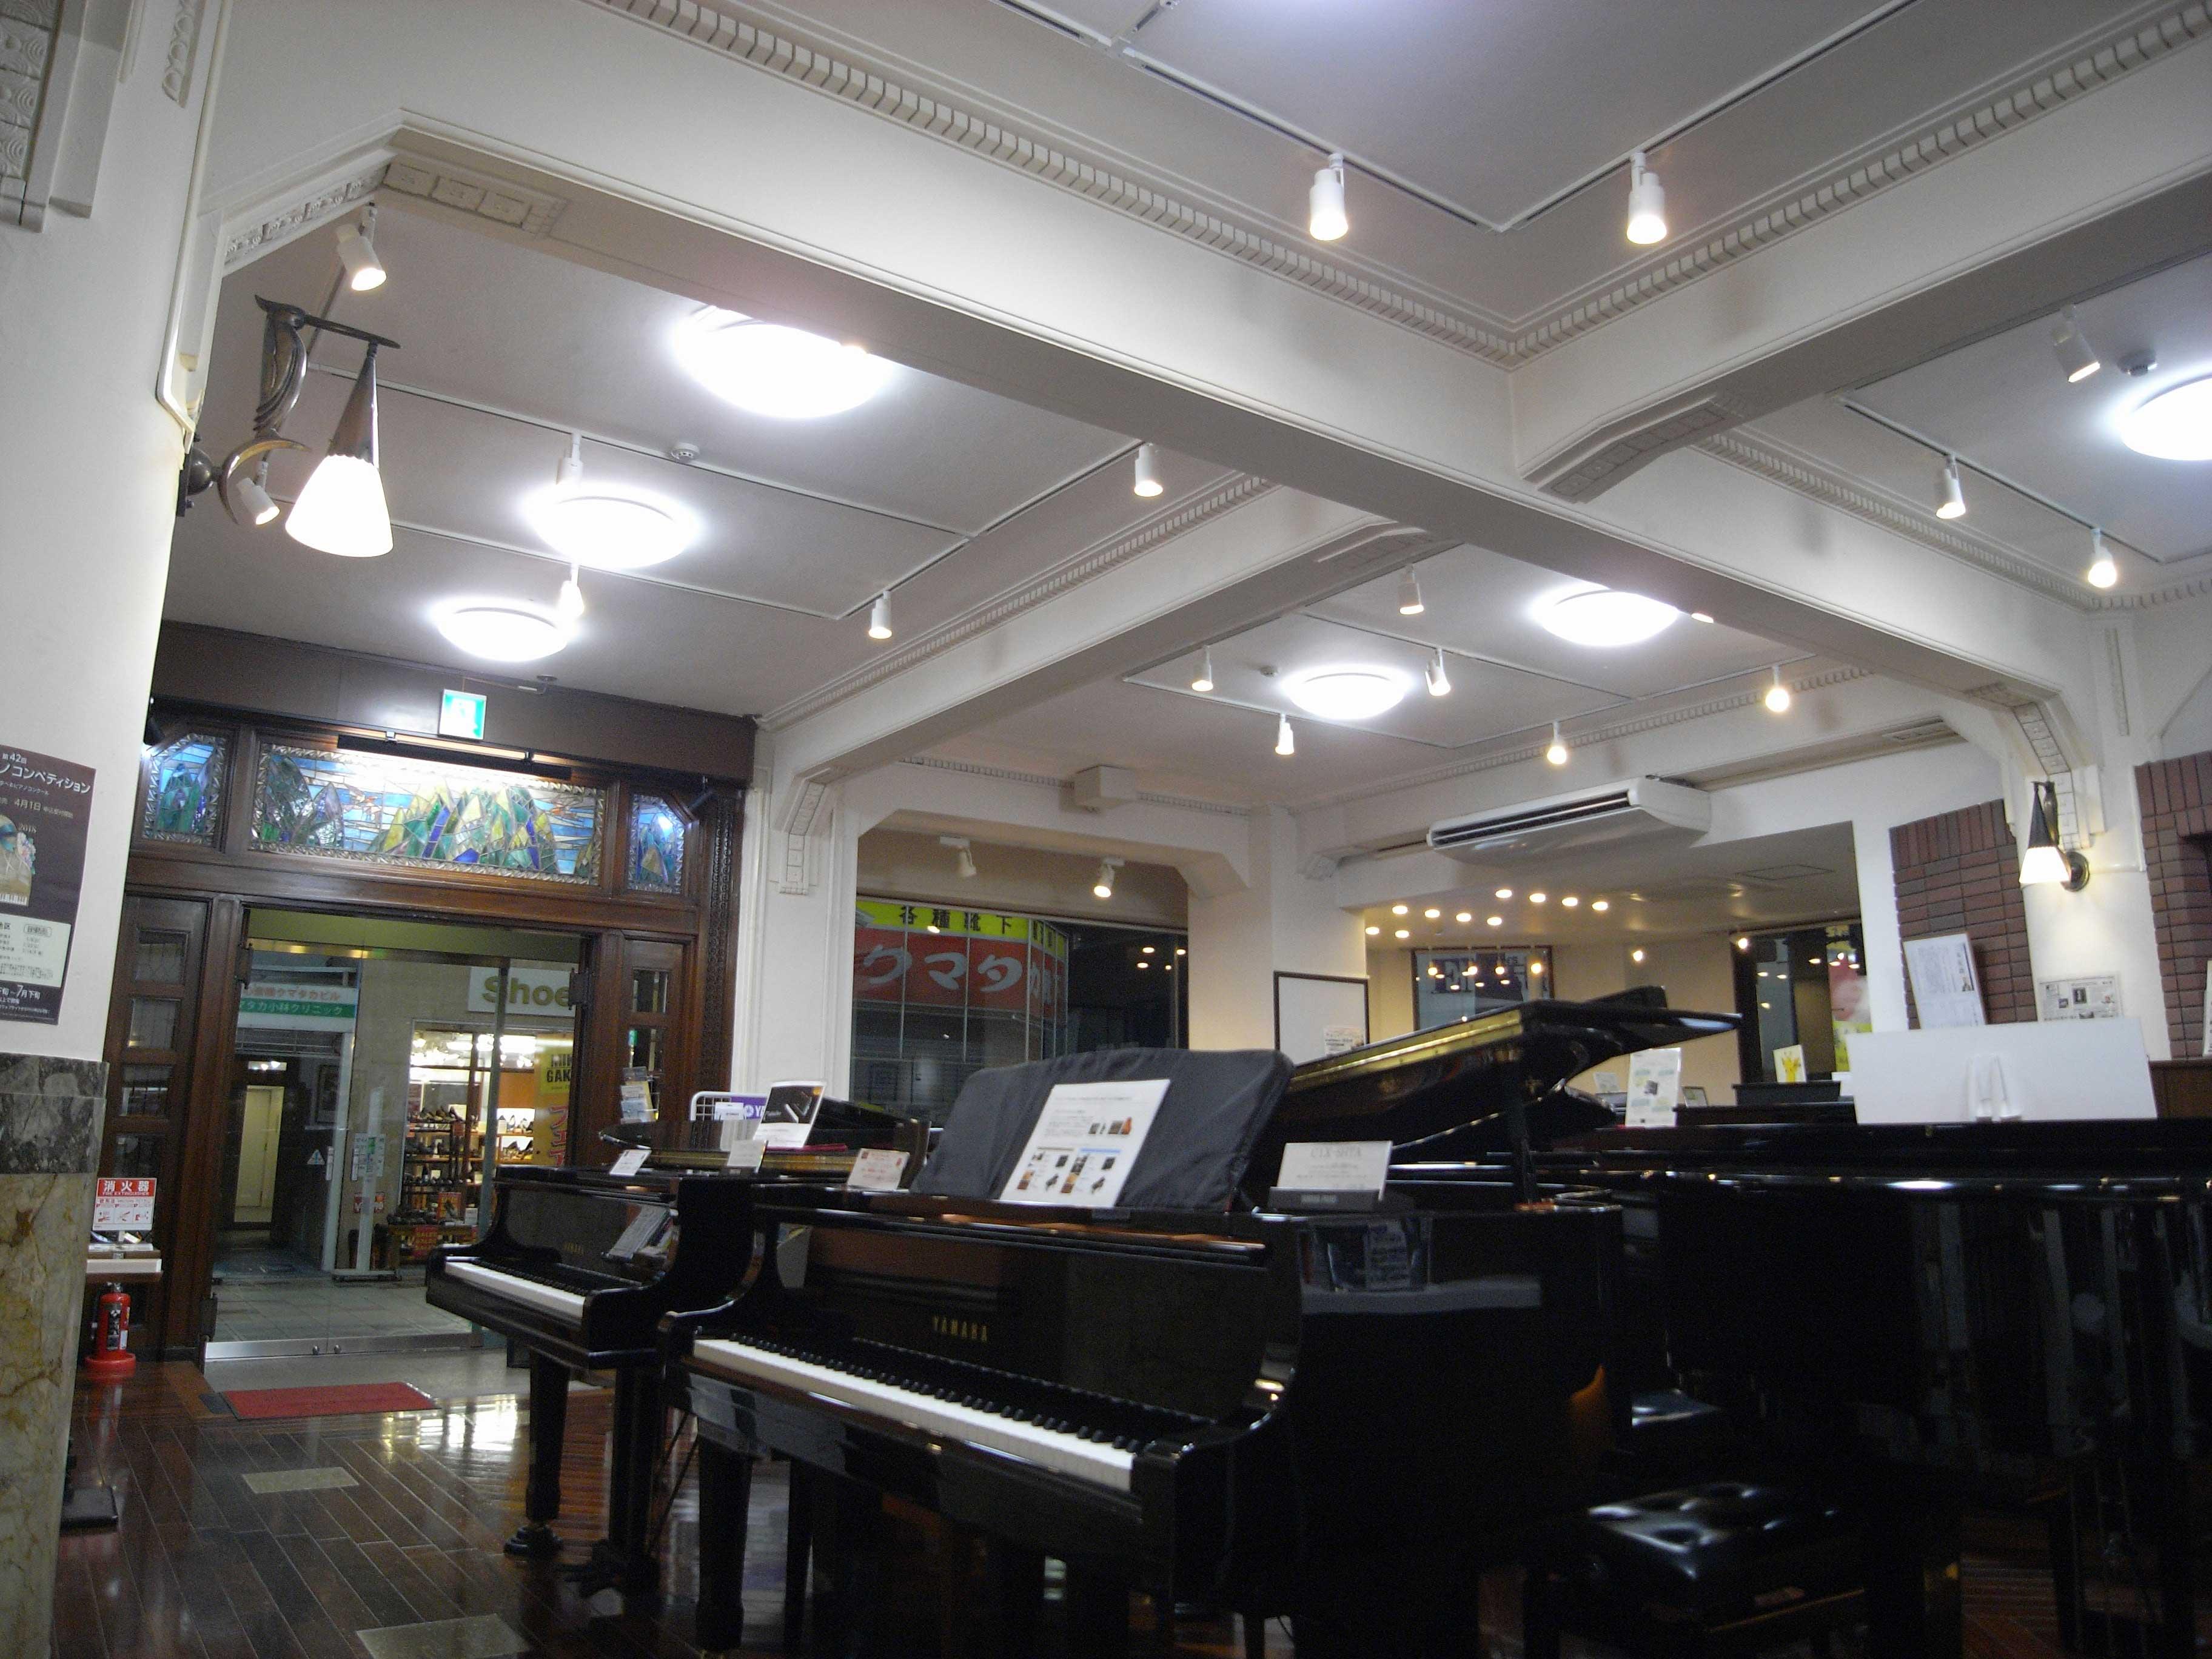 <p>一層店舗内部</p>大梁施以装飾,可感受到店舗的風格。柱子的照明器具是竣工時的進口品。